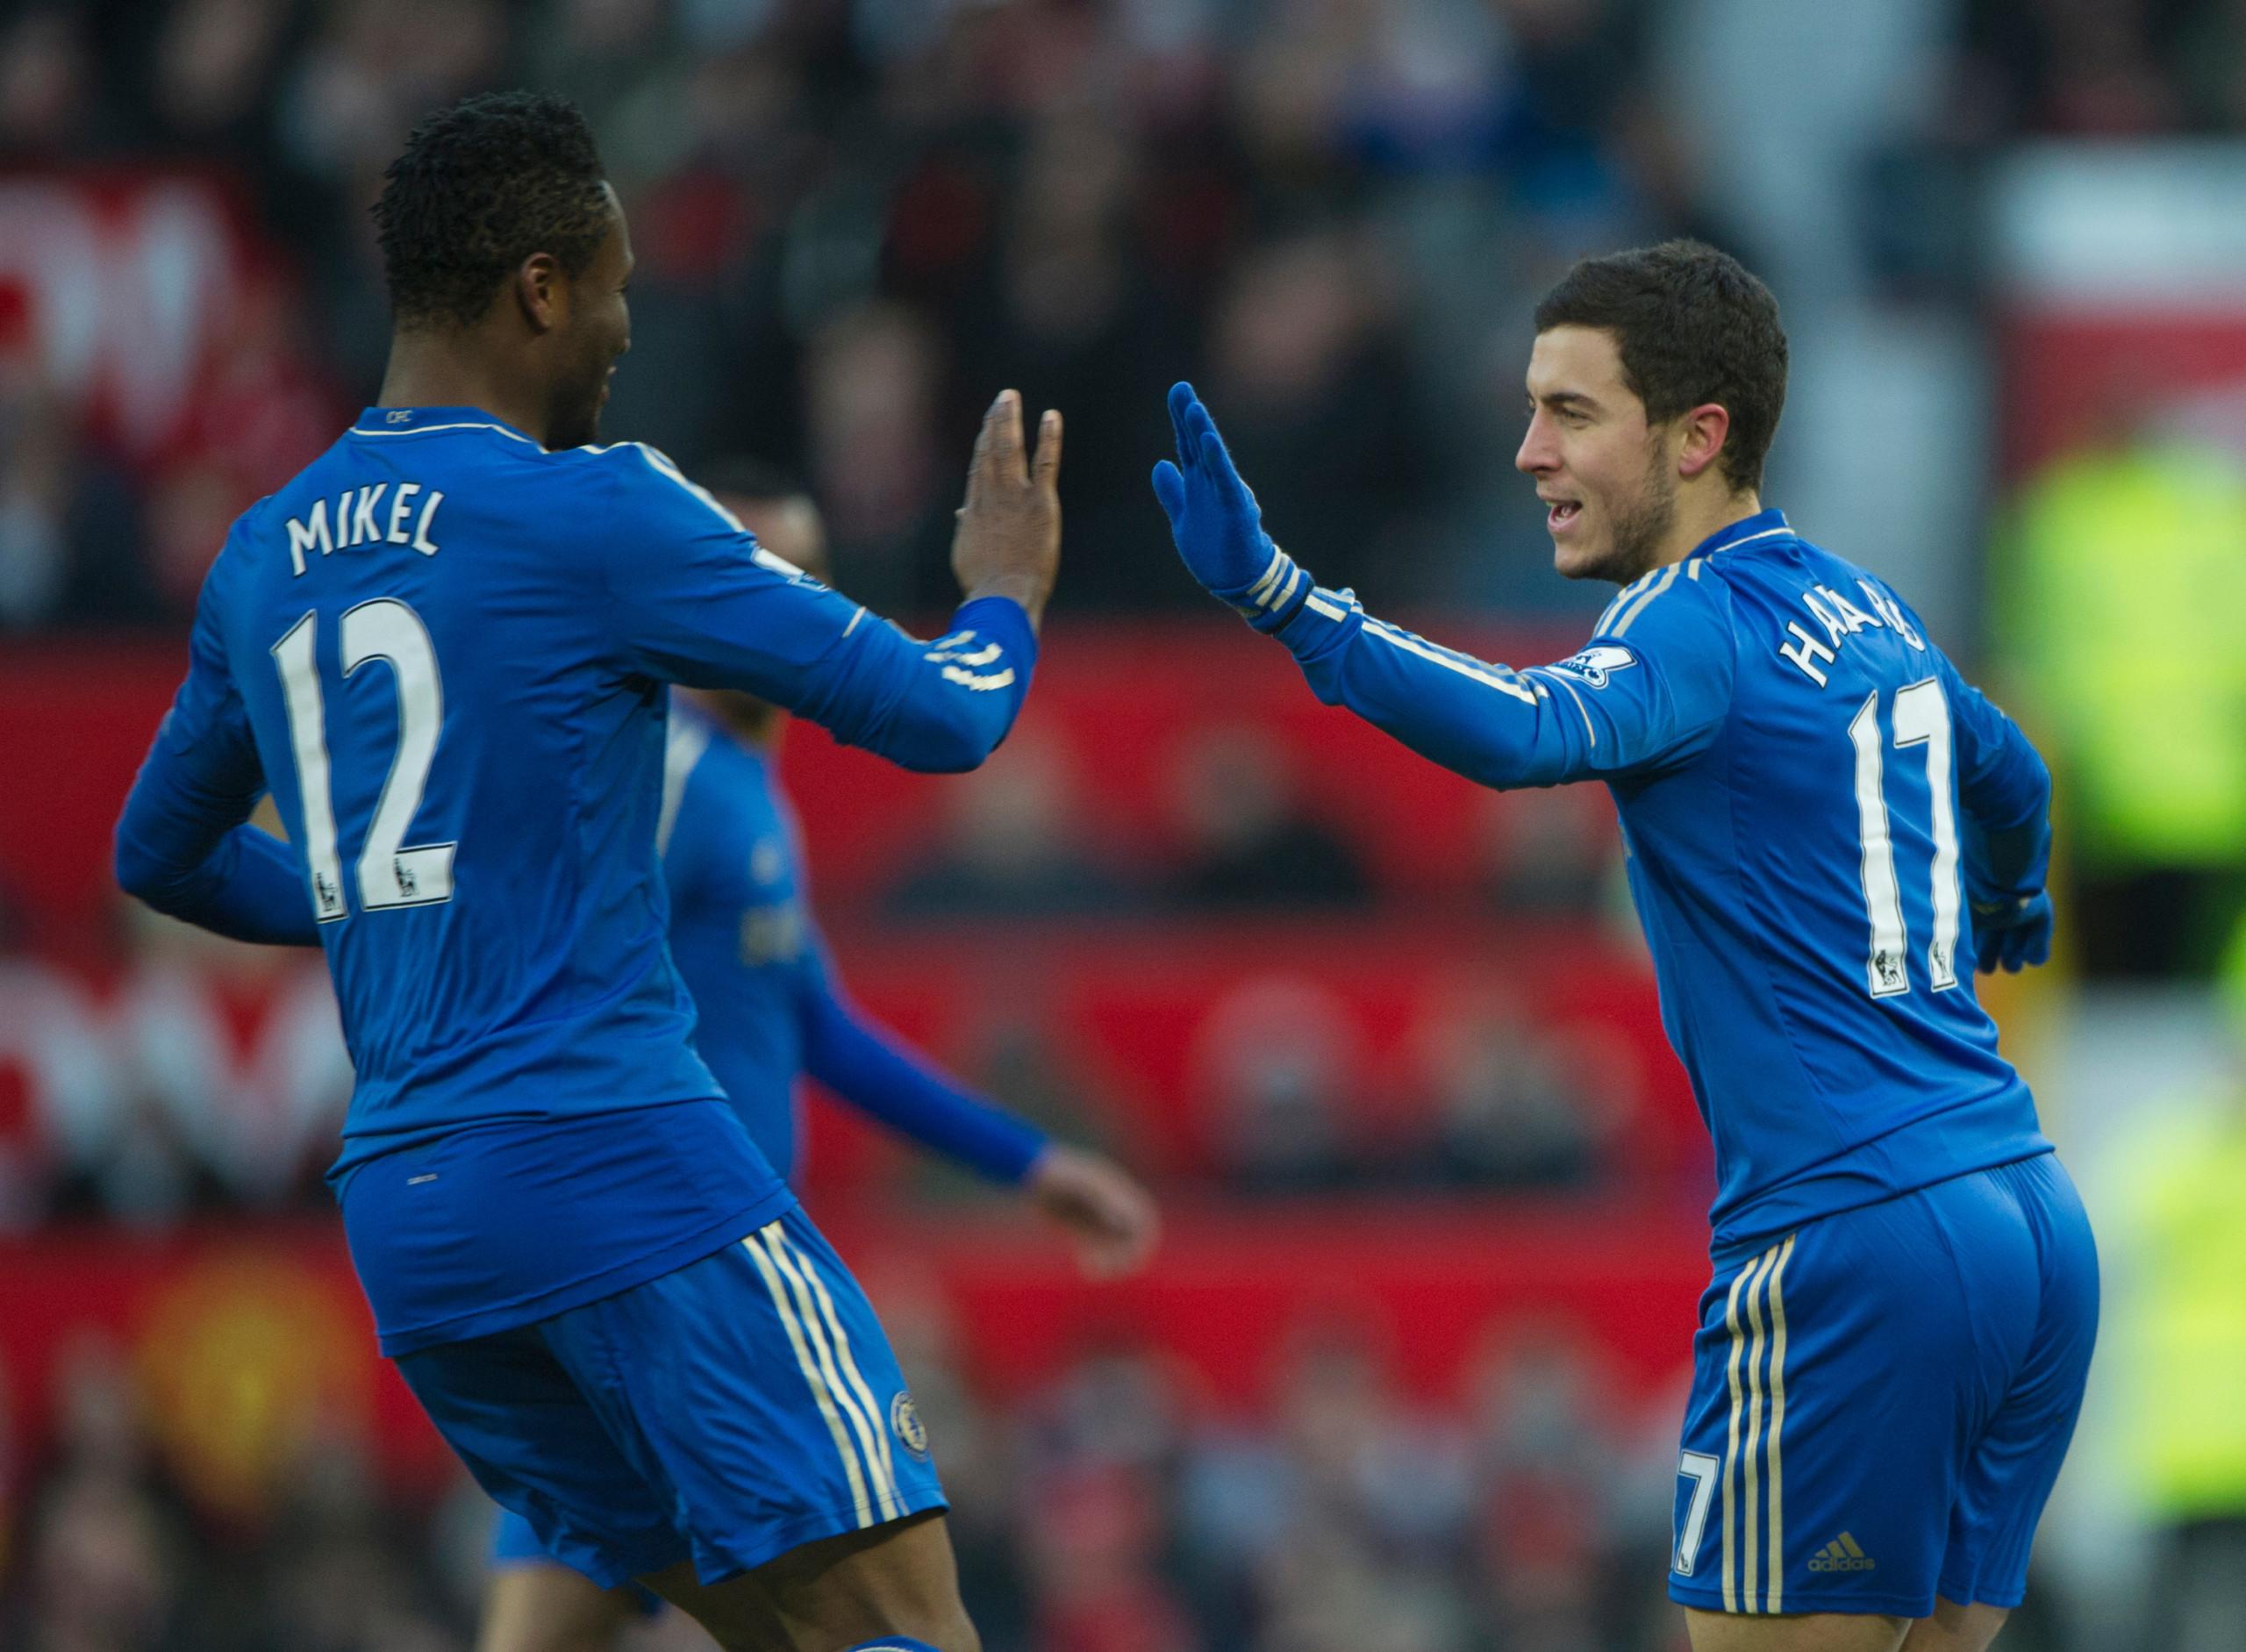 Mikel, Hazard, Chelsea